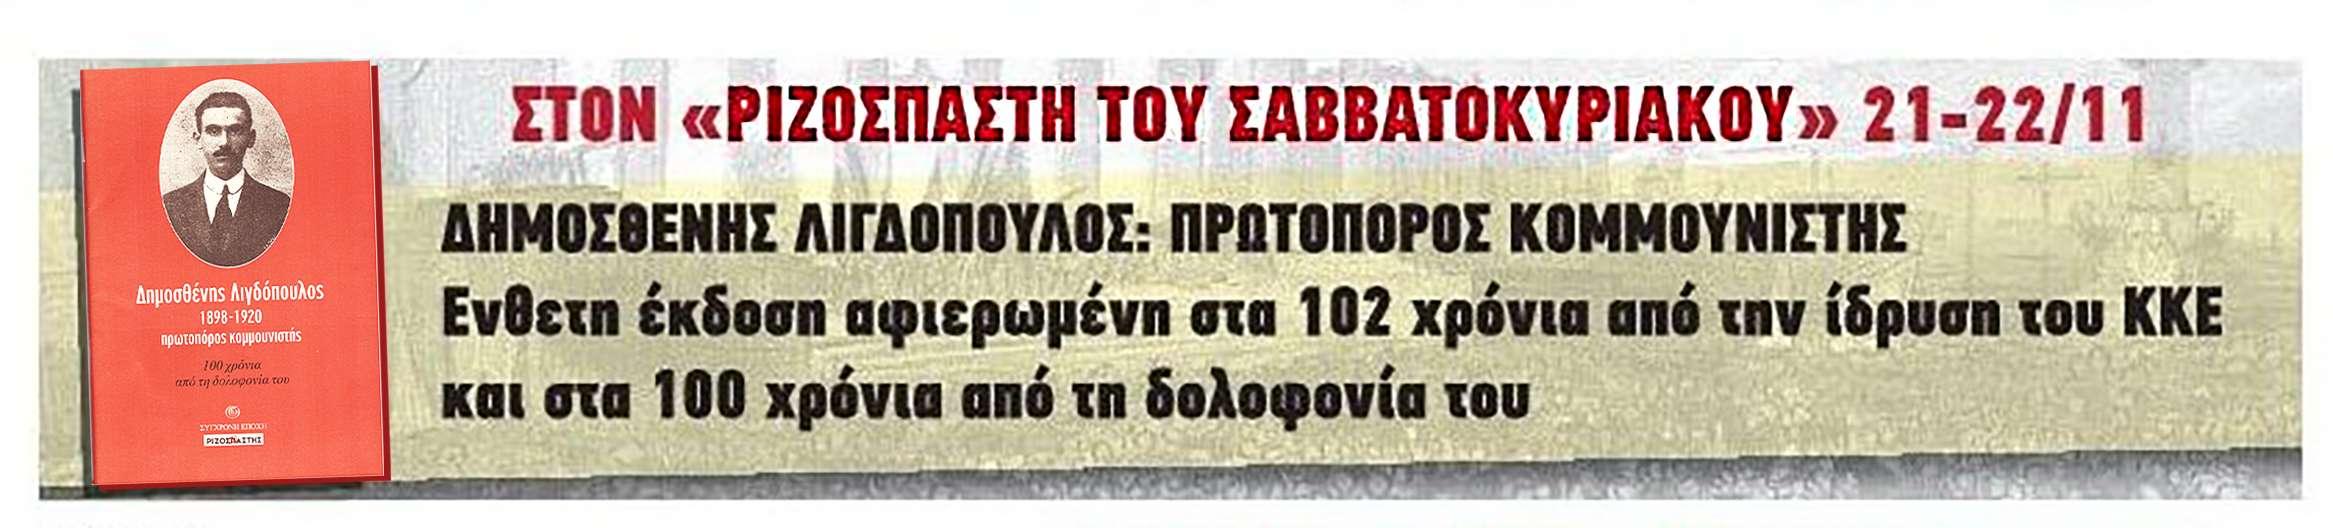 Δημοσθένης Λιγδόπουλος στο Ριζοσπάστη του Σ Κ 21 22 Νοε